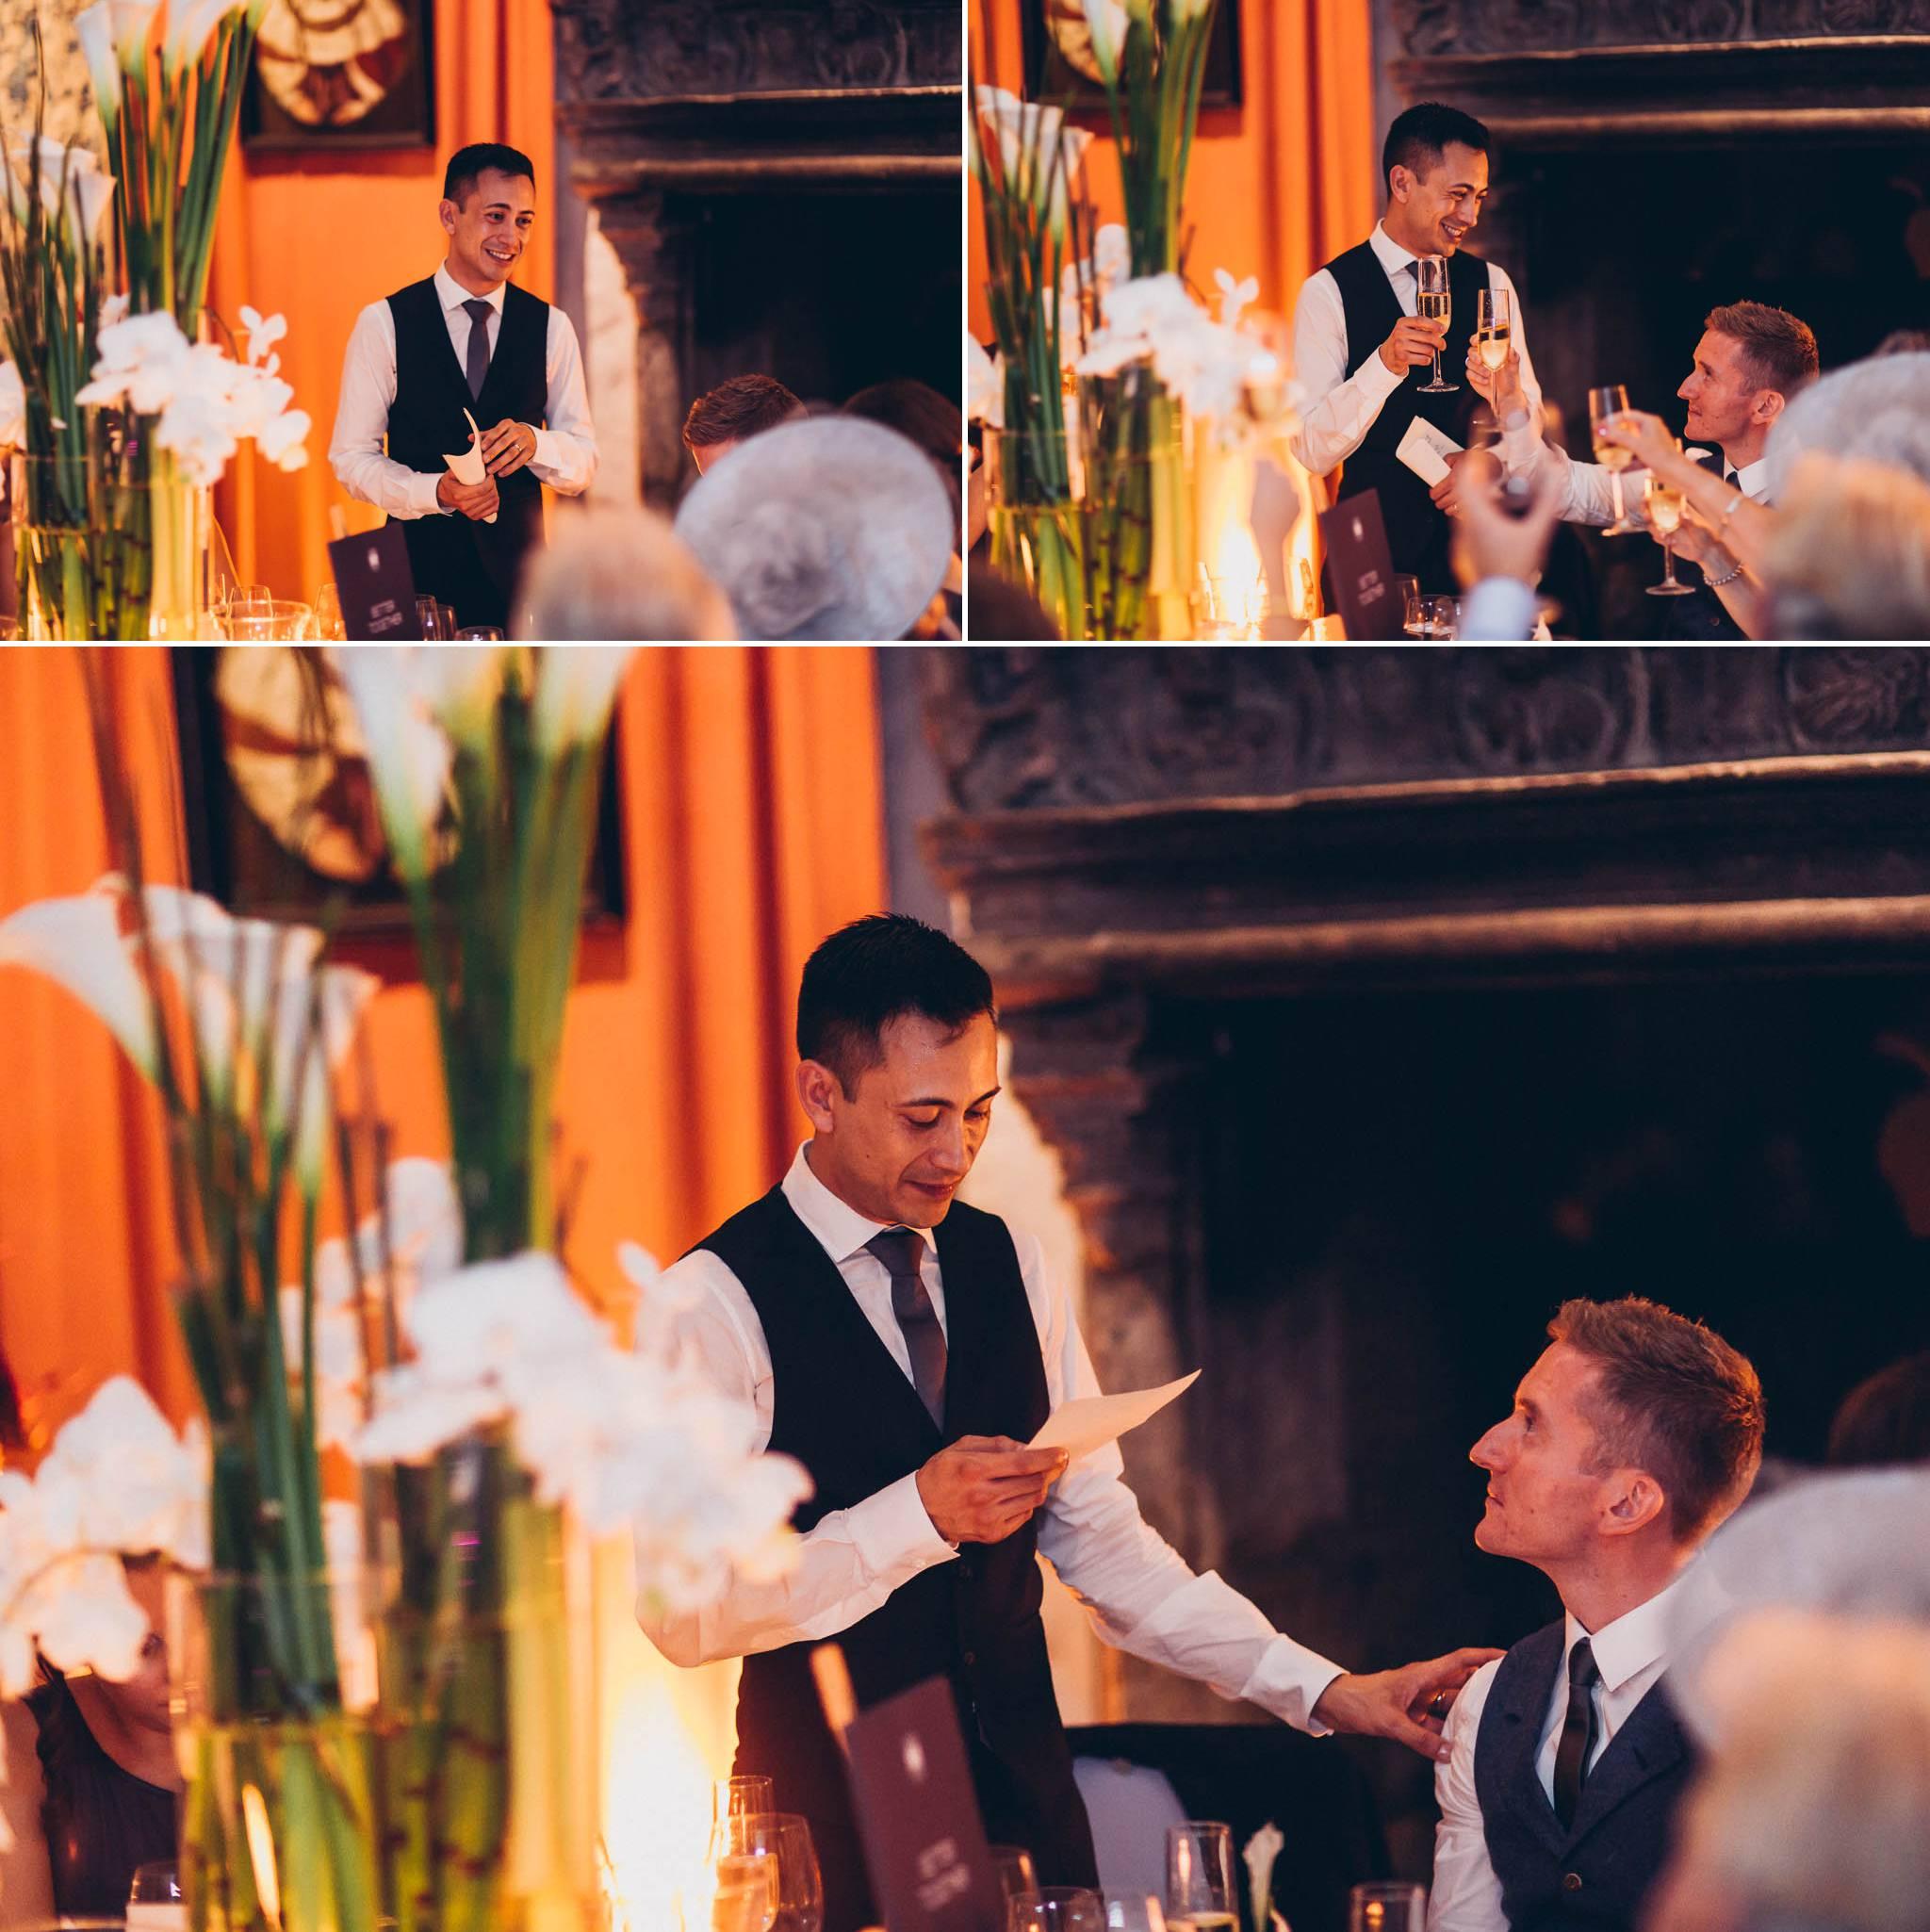 leeds-castle-wedding-photography 34.jpg